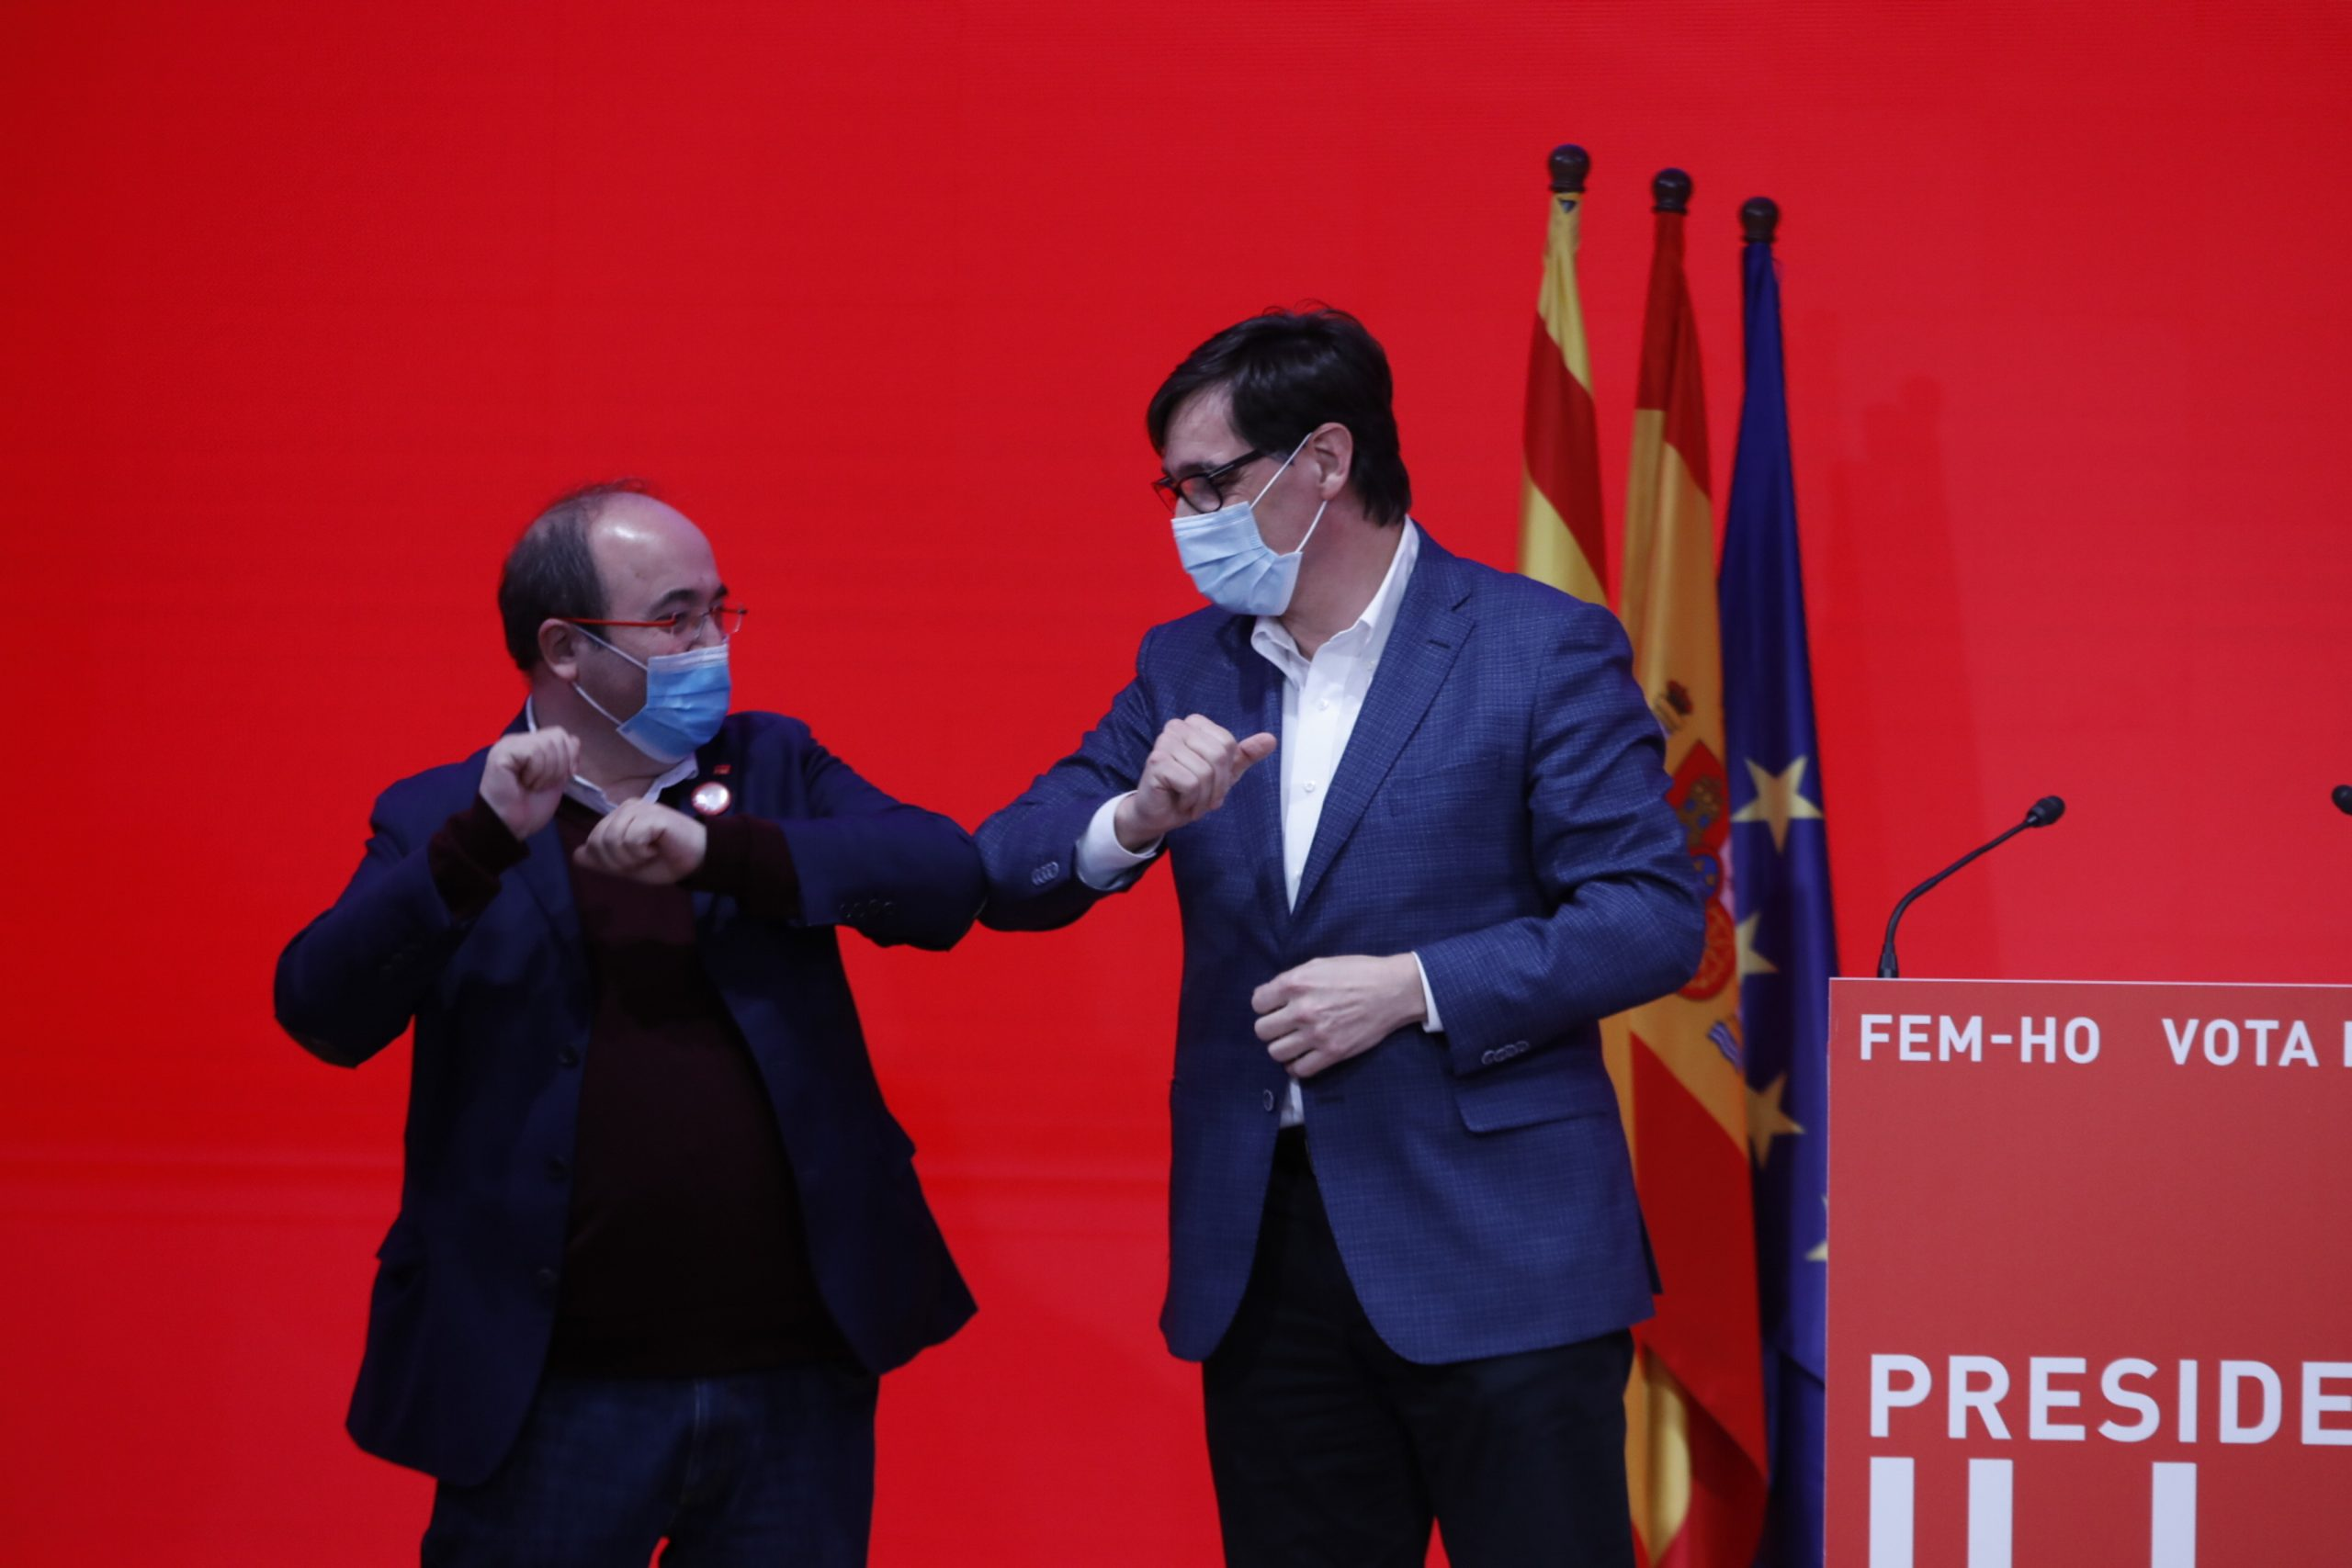 El candidat del PSC, Salvador Illa, saludant-se de colzes amb el líder del PSC i ministre, Miquel Iceta, després de la victòria del 14-F / ACN